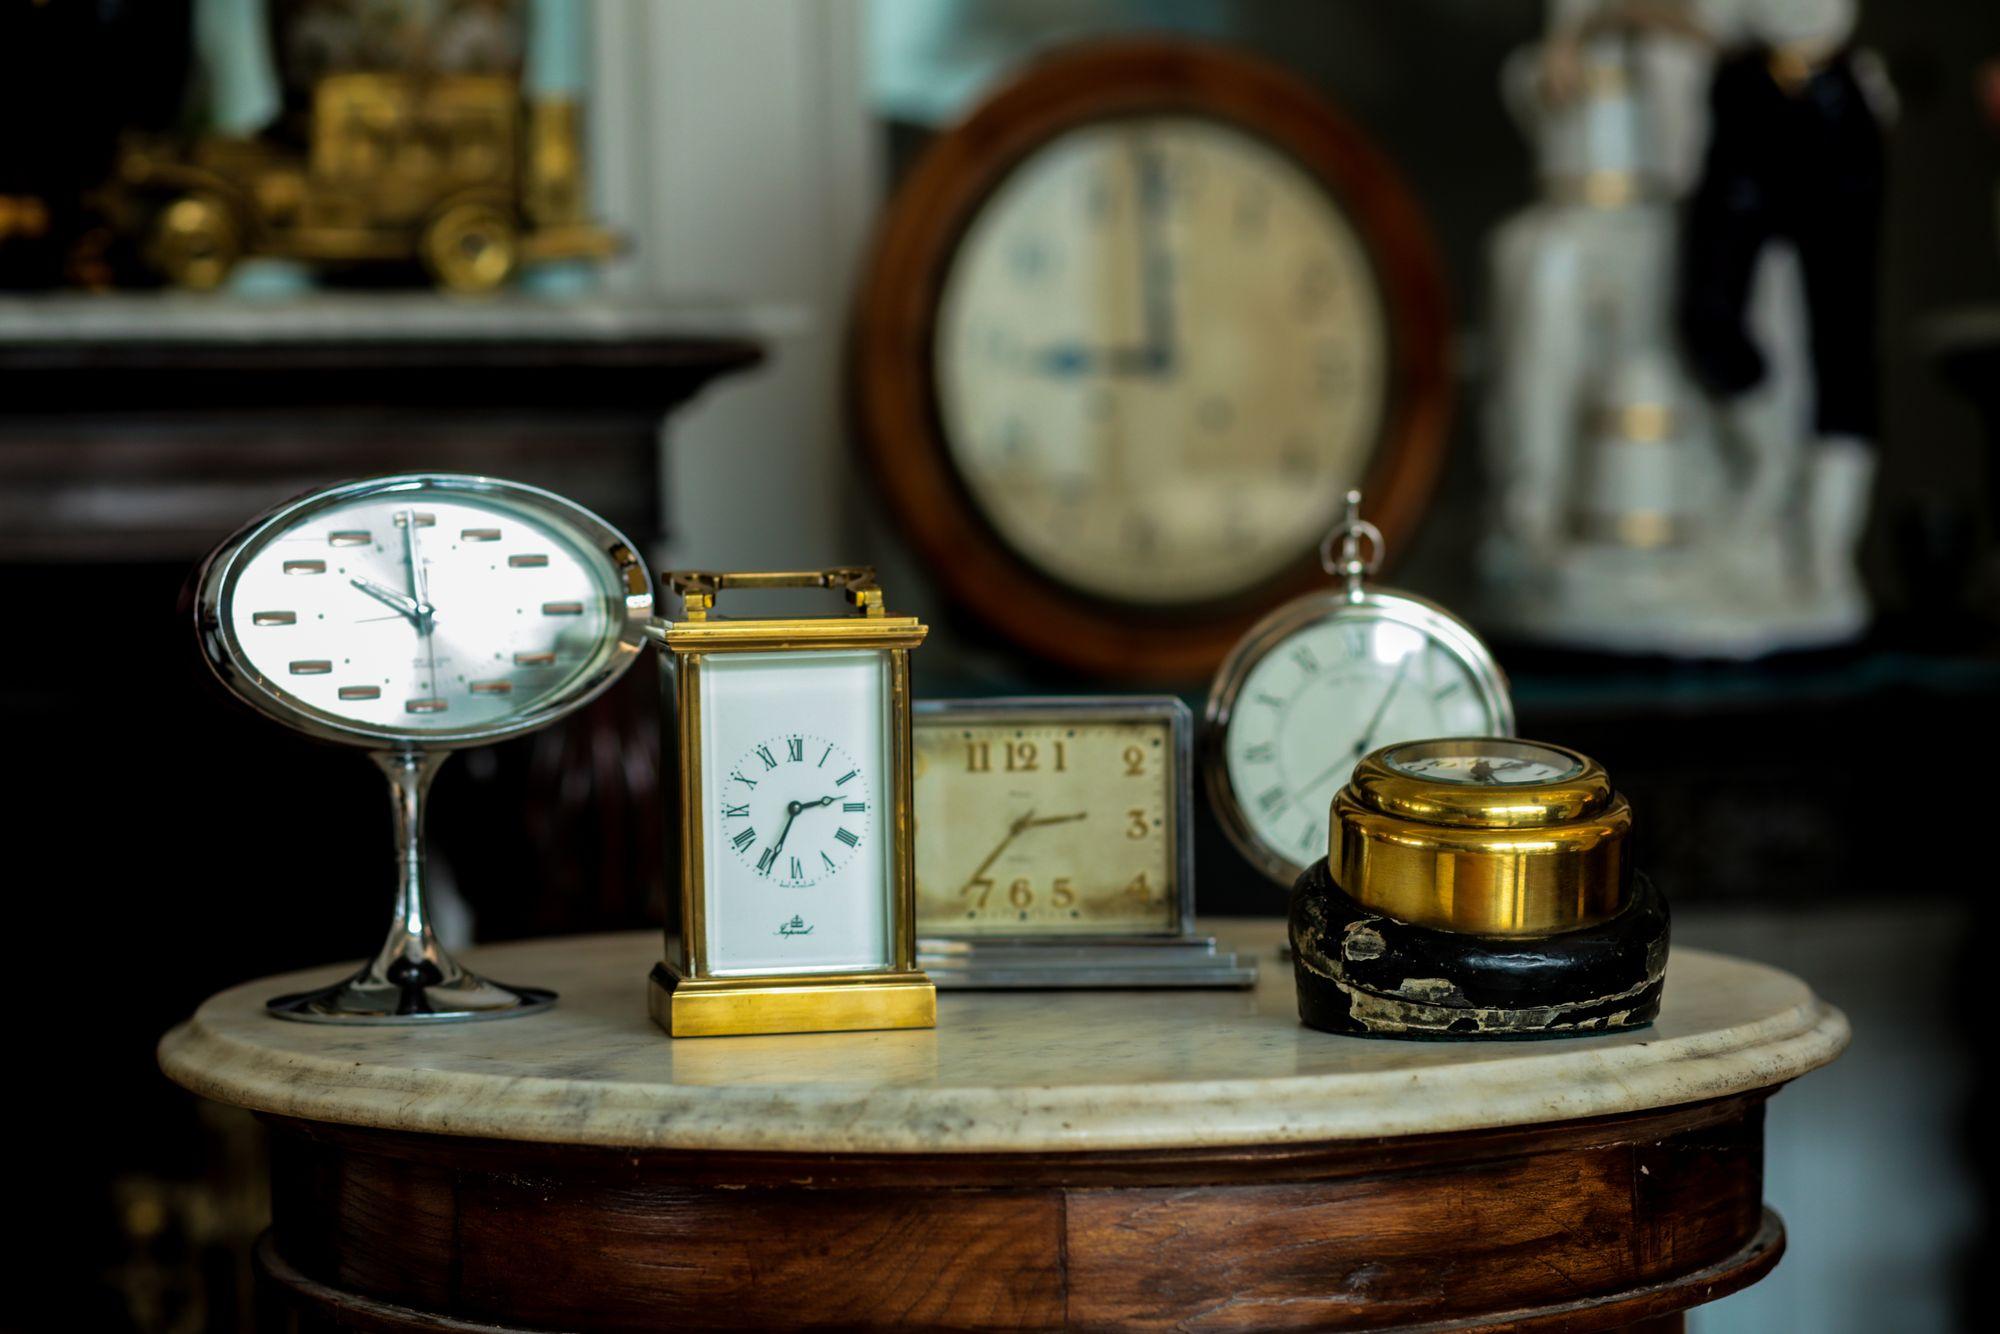 DILJEET TITUS 18 - Talking watches with Diljeet Titus